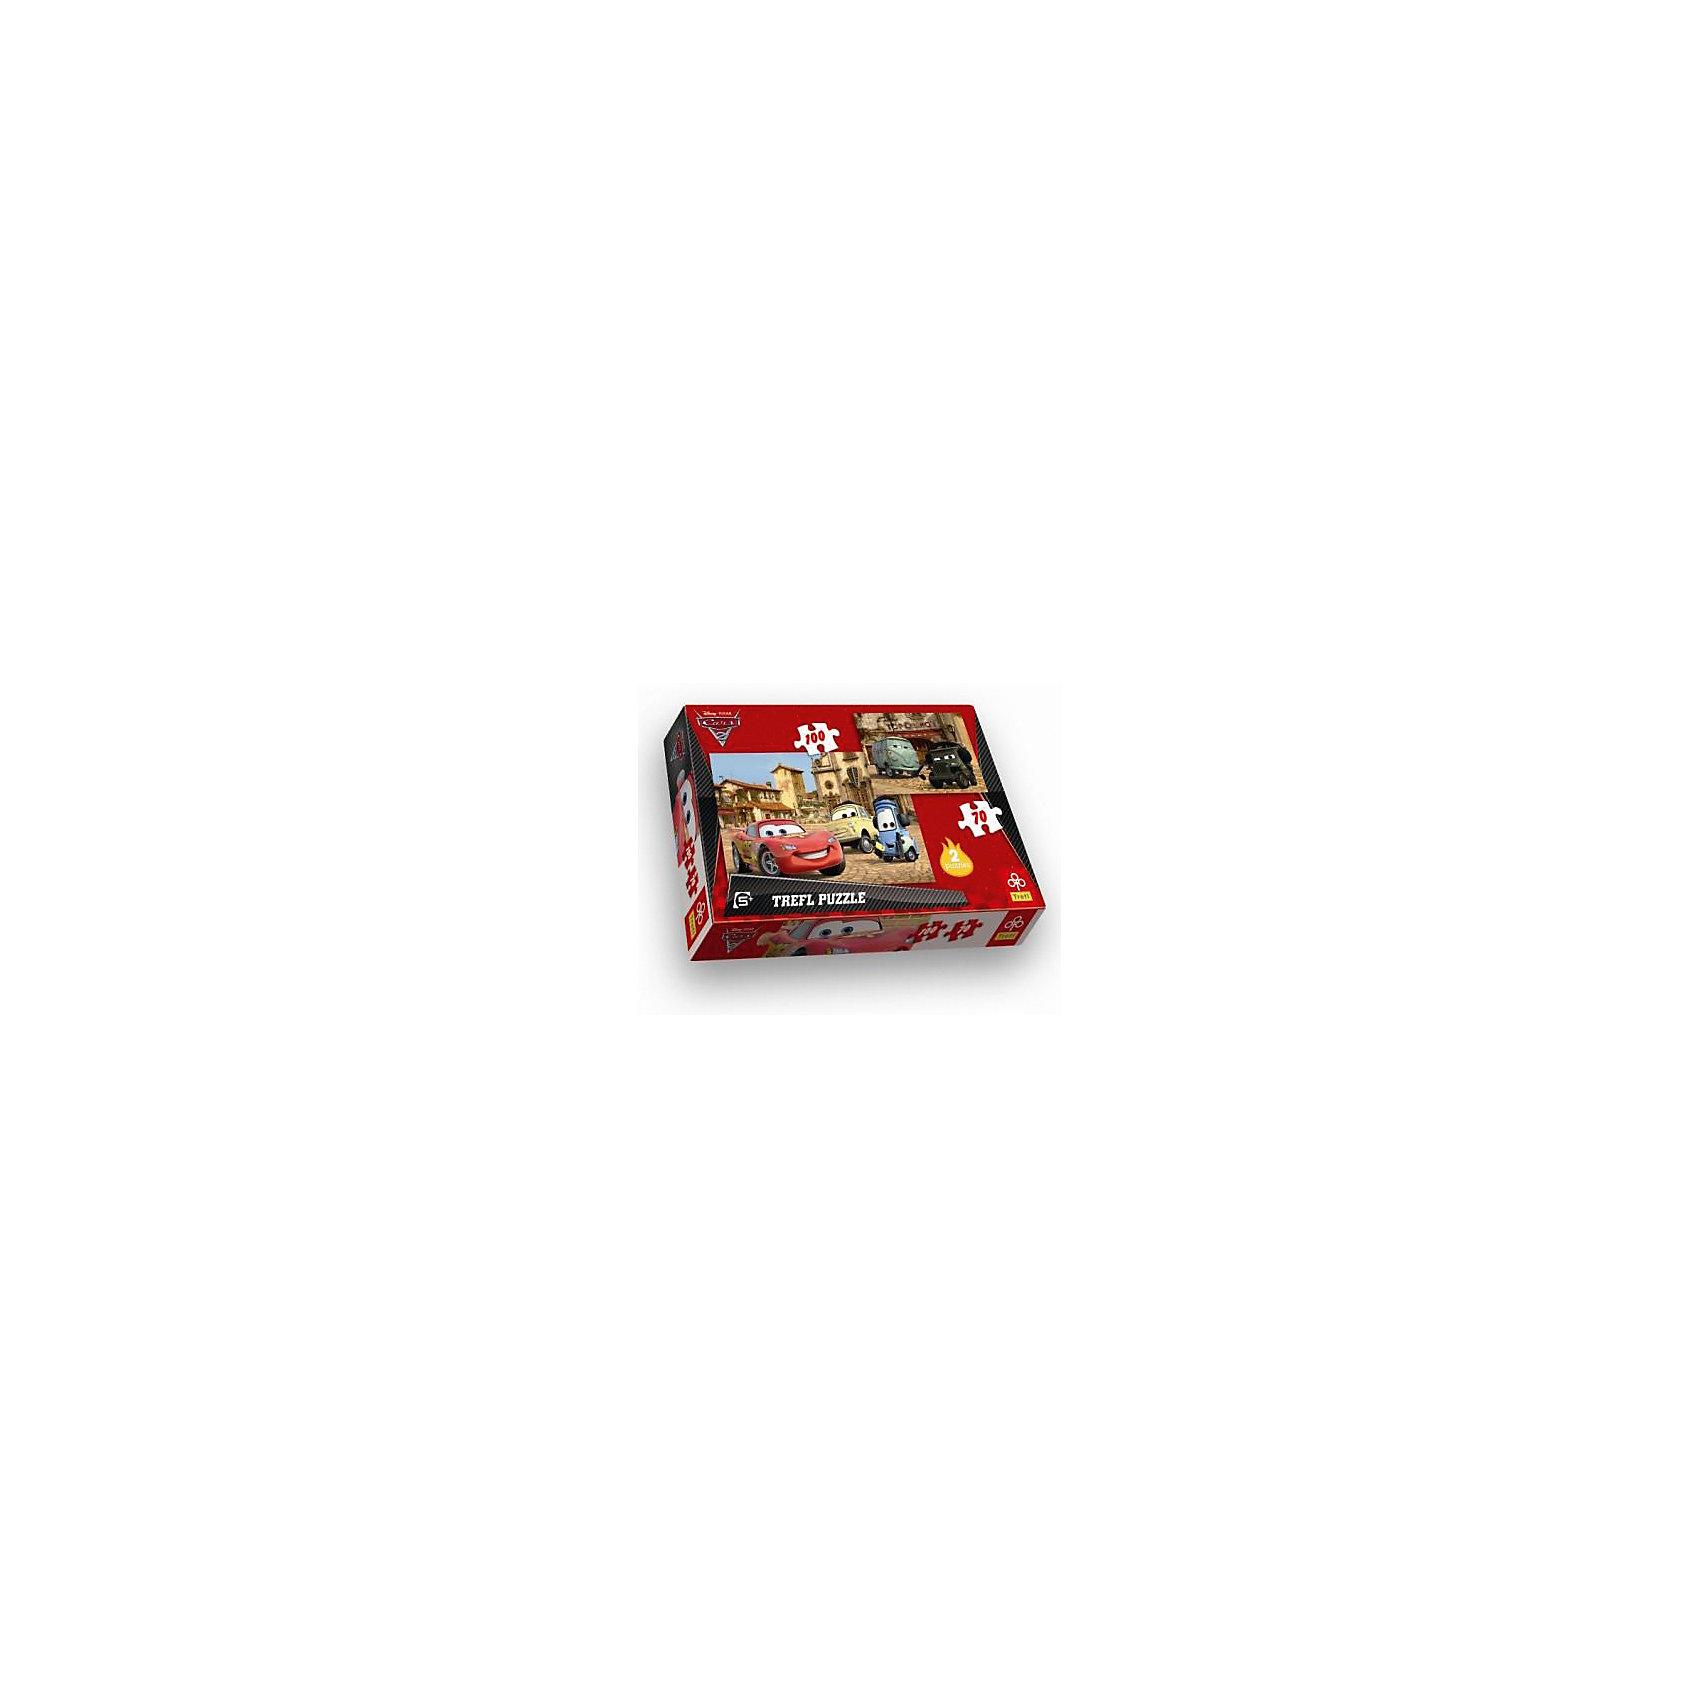 Набор пазлов Тачки 2, 70*100 деталей, Treflпазл 2 в 1 Тачки 2 (Cars 2) от компании Trefl станет отличным подарком для ребенка, ведь в набор входит два пазла. Ребенок сможет собрать две восхитительных картины  с любимыми героями мультфильма Тачки.<br><br>Дополнительная информация:<br><br>Размер упаковки: 28.5х3.5х29 см.<br>Размер пазлов в собранном виде: 33х22 см.( 100 дет.) и 22.7х16.7 см.( 70 дет.)<br>Не рекомендуется детям до 3-х лет.<br><br>Набор пазлов Тачки 2 (Cars 2), 70*100 деталей, Trefl можно купить в нашем магазине.<br><br>Ширина мм: 193<br>Глубина мм: 288<br>Высота мм: 41<br>Вес г: 330<br>Возраст от месяцев: 60<br>Возраст до месяцев: 120<br>Пол: Мужской<br>Возраст: Детский<br>SKU: 4574020